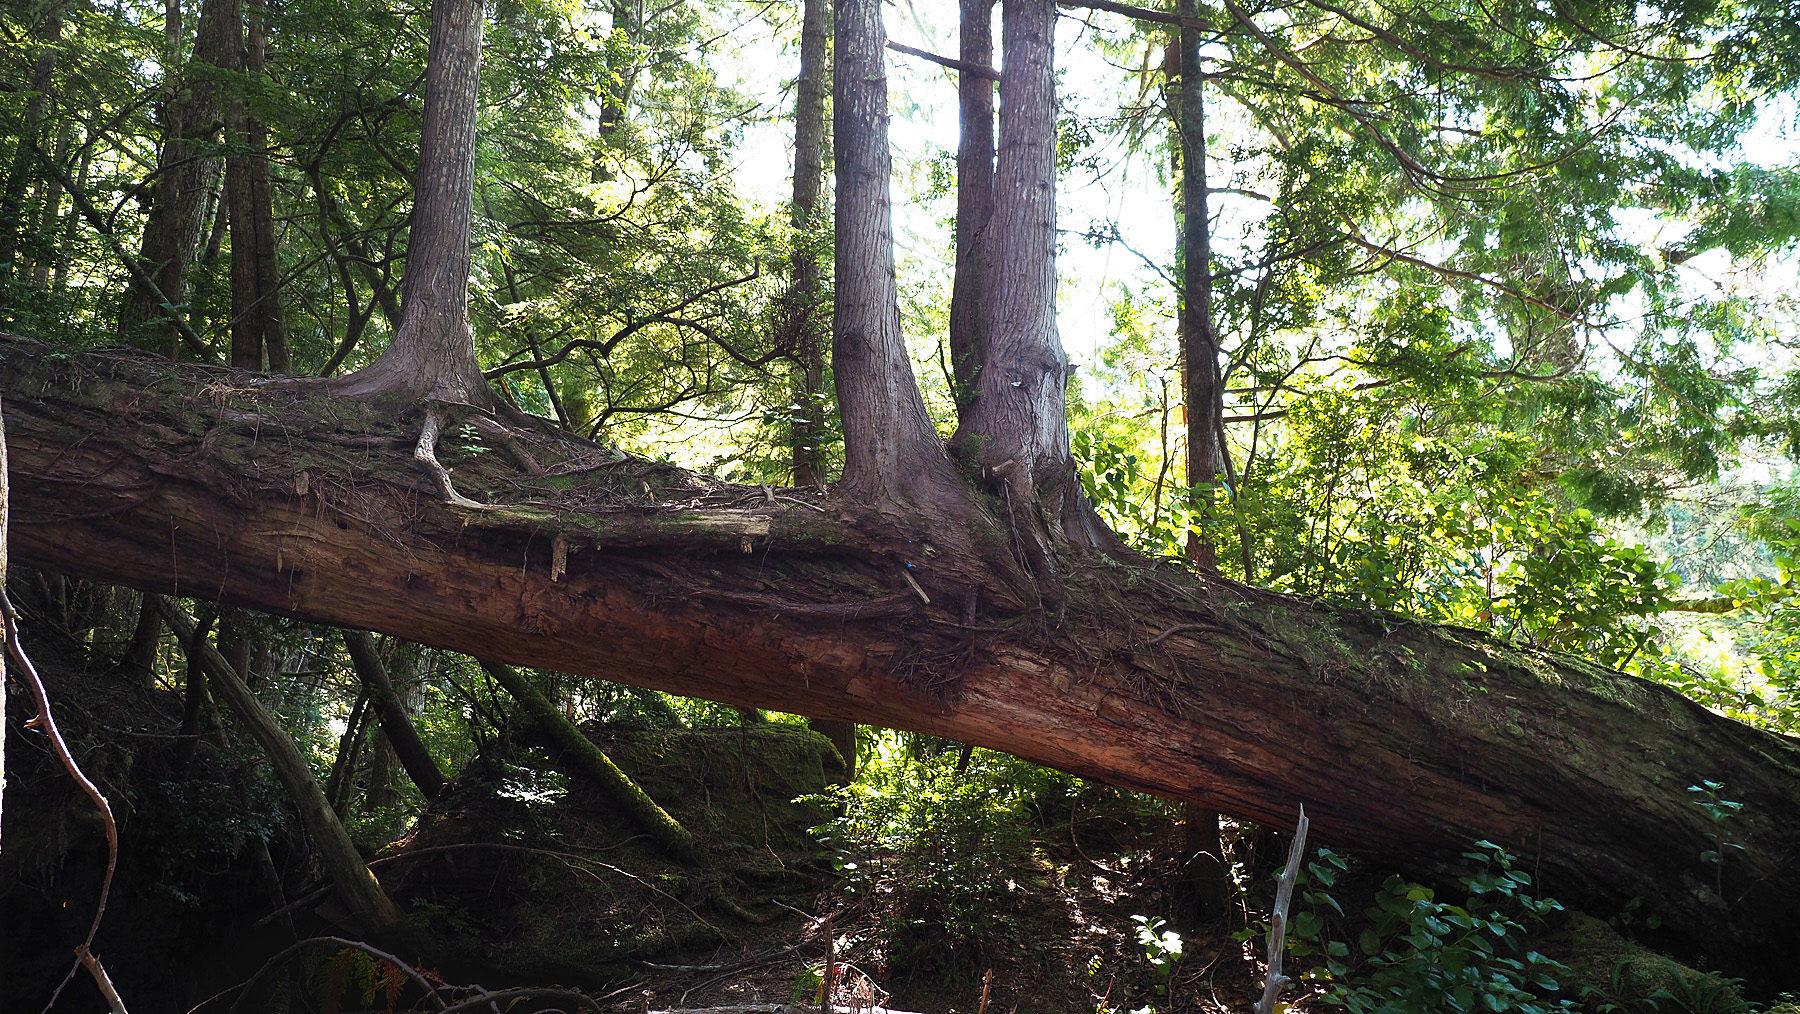 auf den umgestürzten Bäumen wachsen wieder neue Bäume